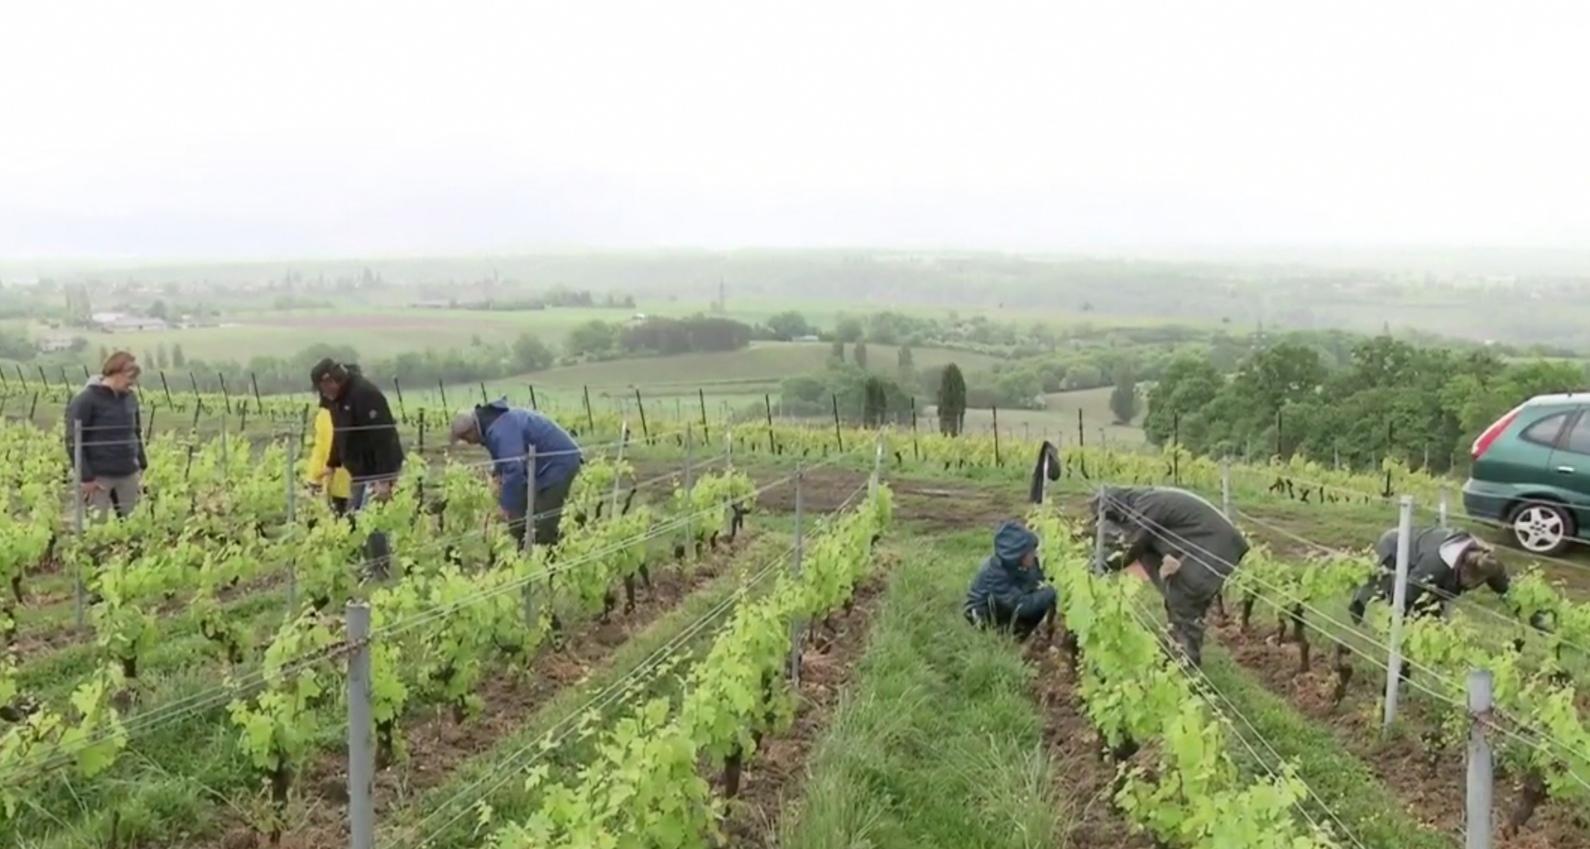 Trabalhadores sazonais numa vinha do cantão de Genebra